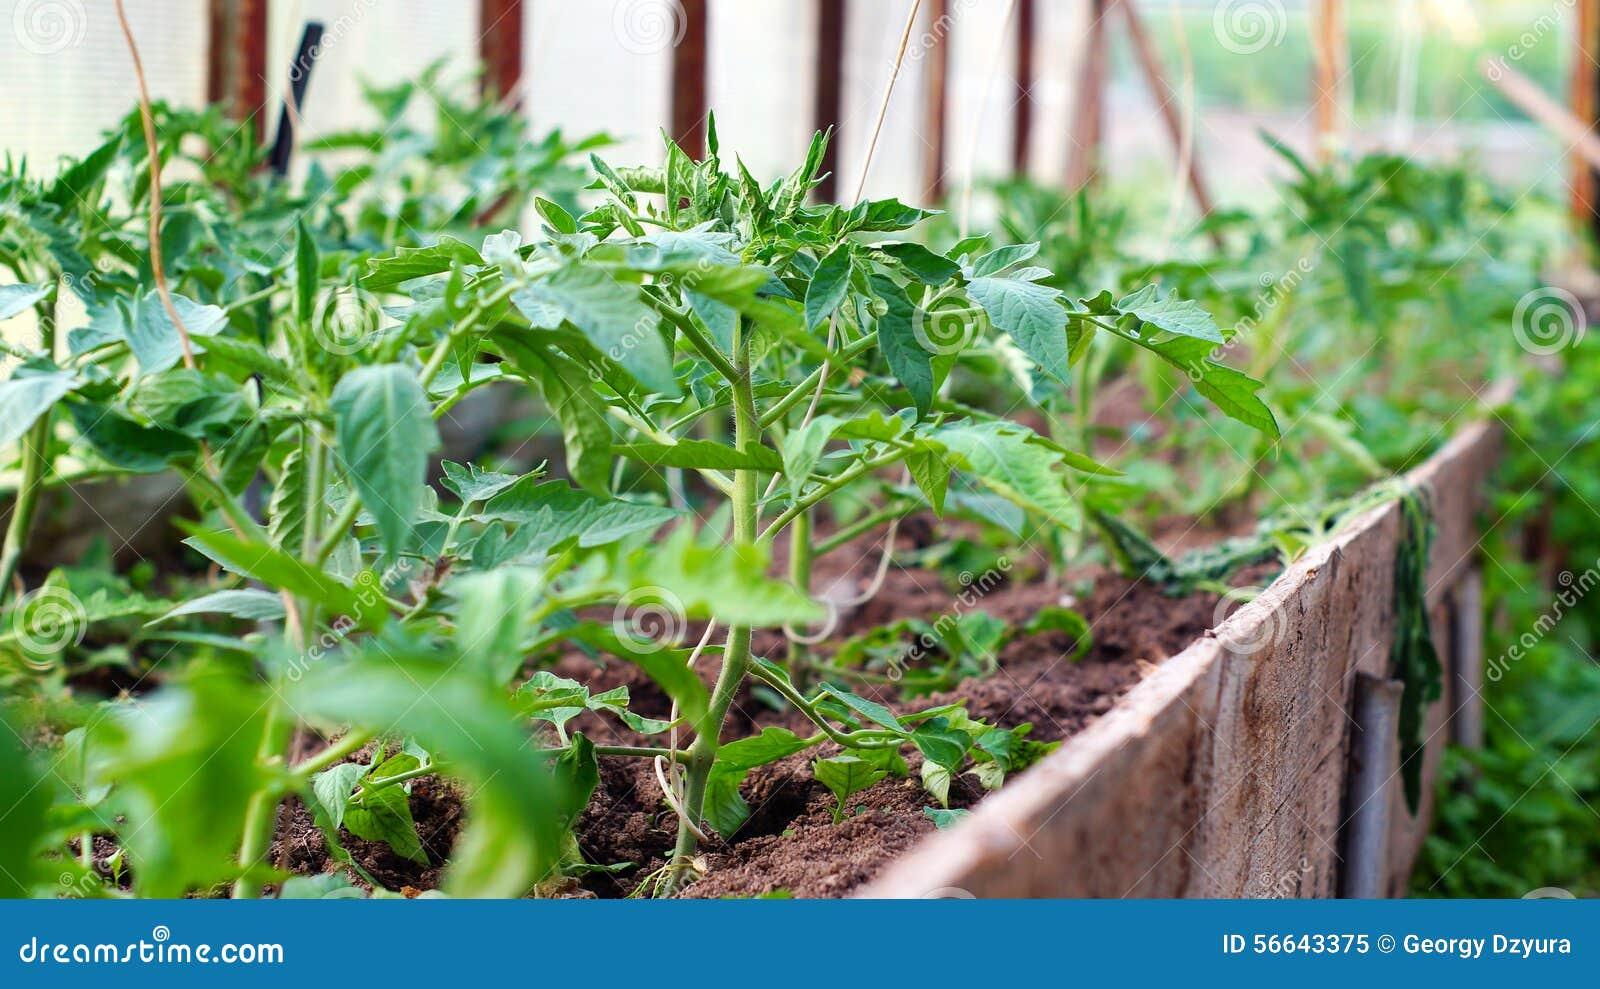 Plantas de tomate en invernadero foto de archivo imagen for Plantas para invernadero